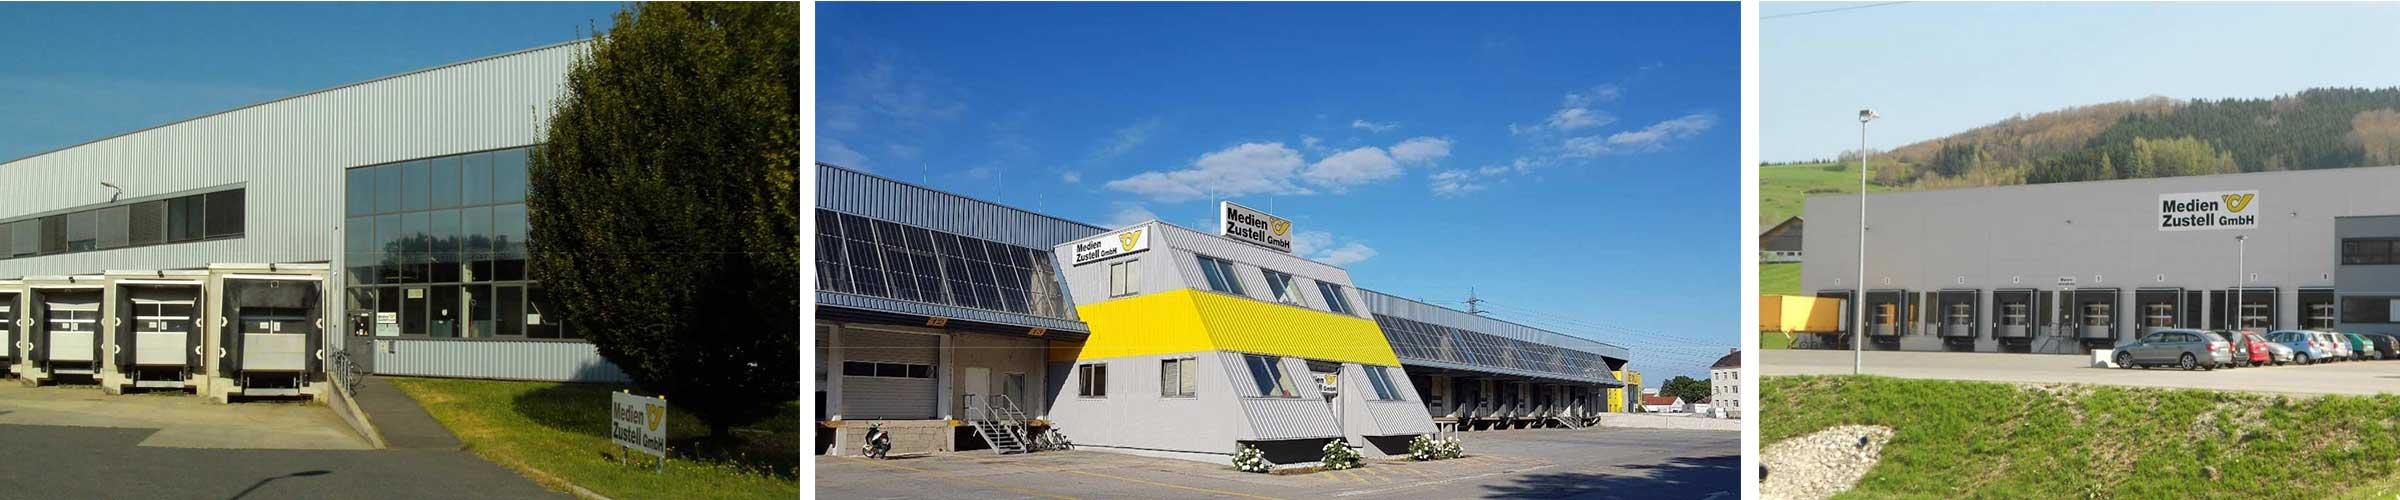 Medien Zustell GmbH Graz - Oberwang - Wien - Umrüstung mit Unifit und LED Röhren von SML LED